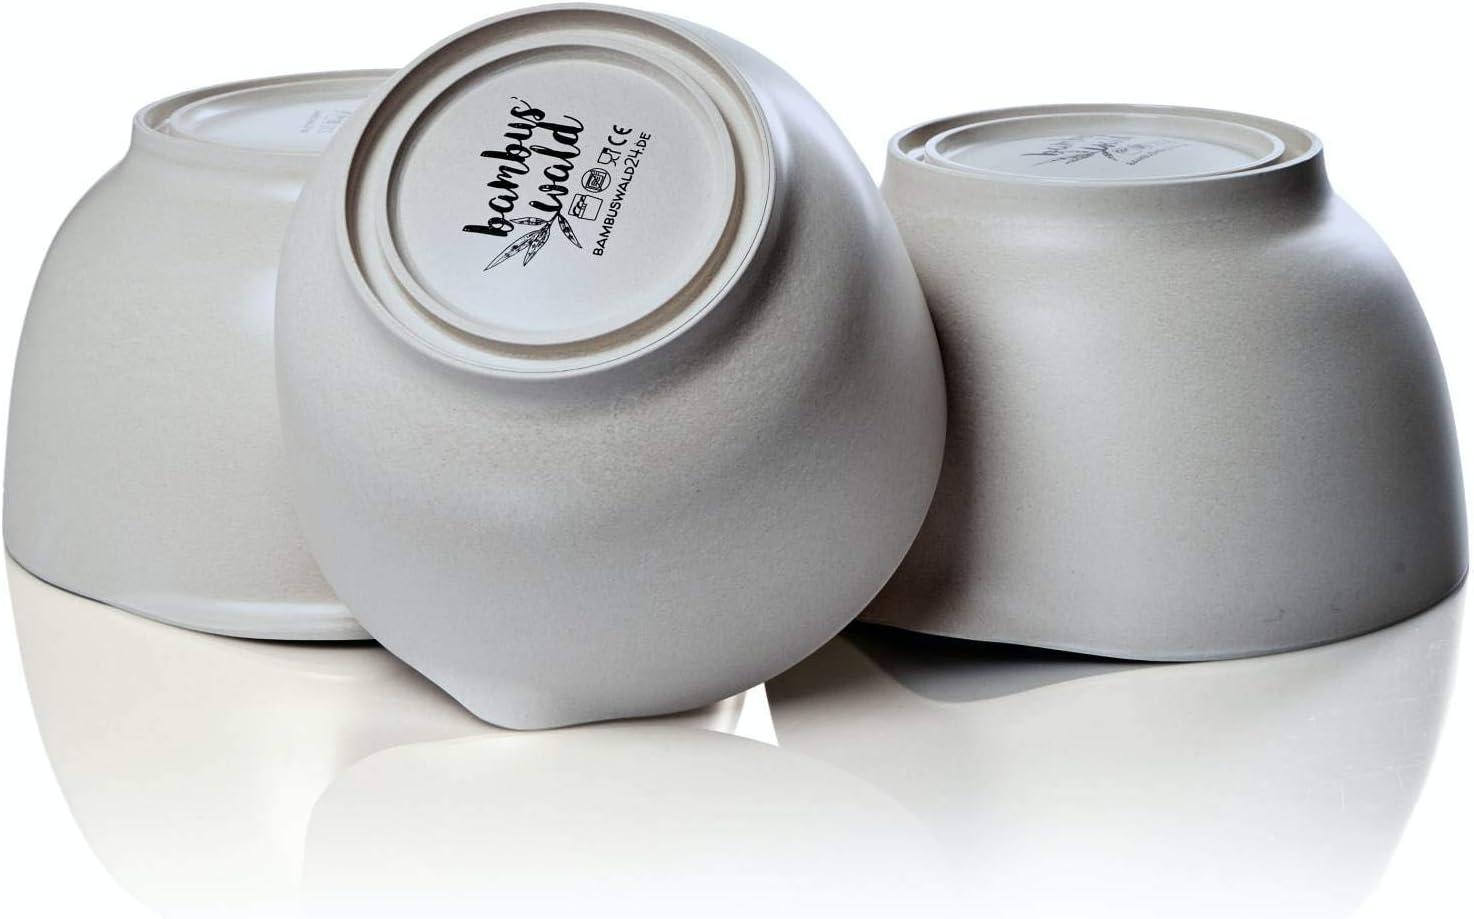 Cul de Poule Lavable au Lave-vaisselle Bol avec Manche bambuswald/© 3x Saladier Bec Verseur Noir Accessoire de Patisserie 3,2L en Bambou 2,7L Ustensiles de Cuisine 3 Tailles 2L